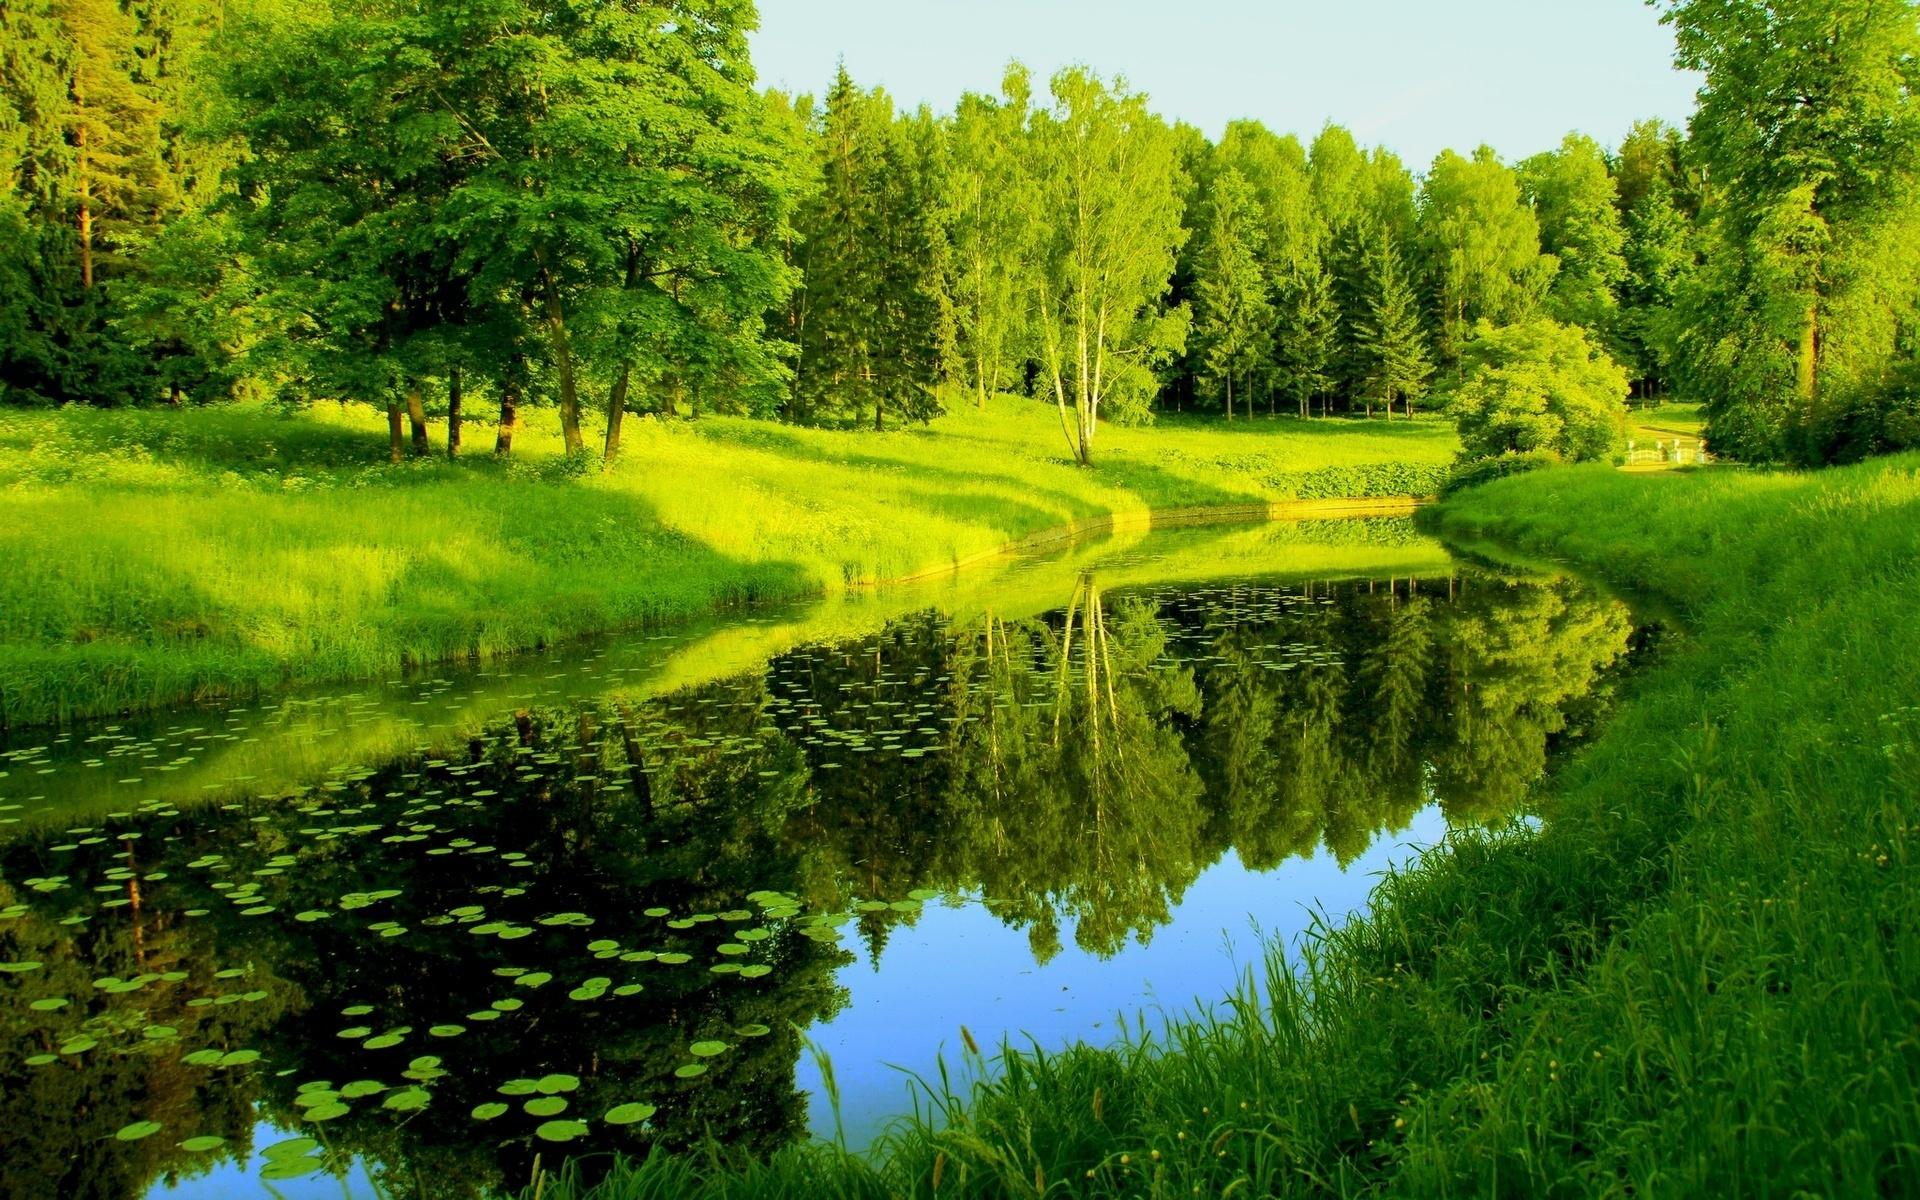 картинки речка лес лето ежики